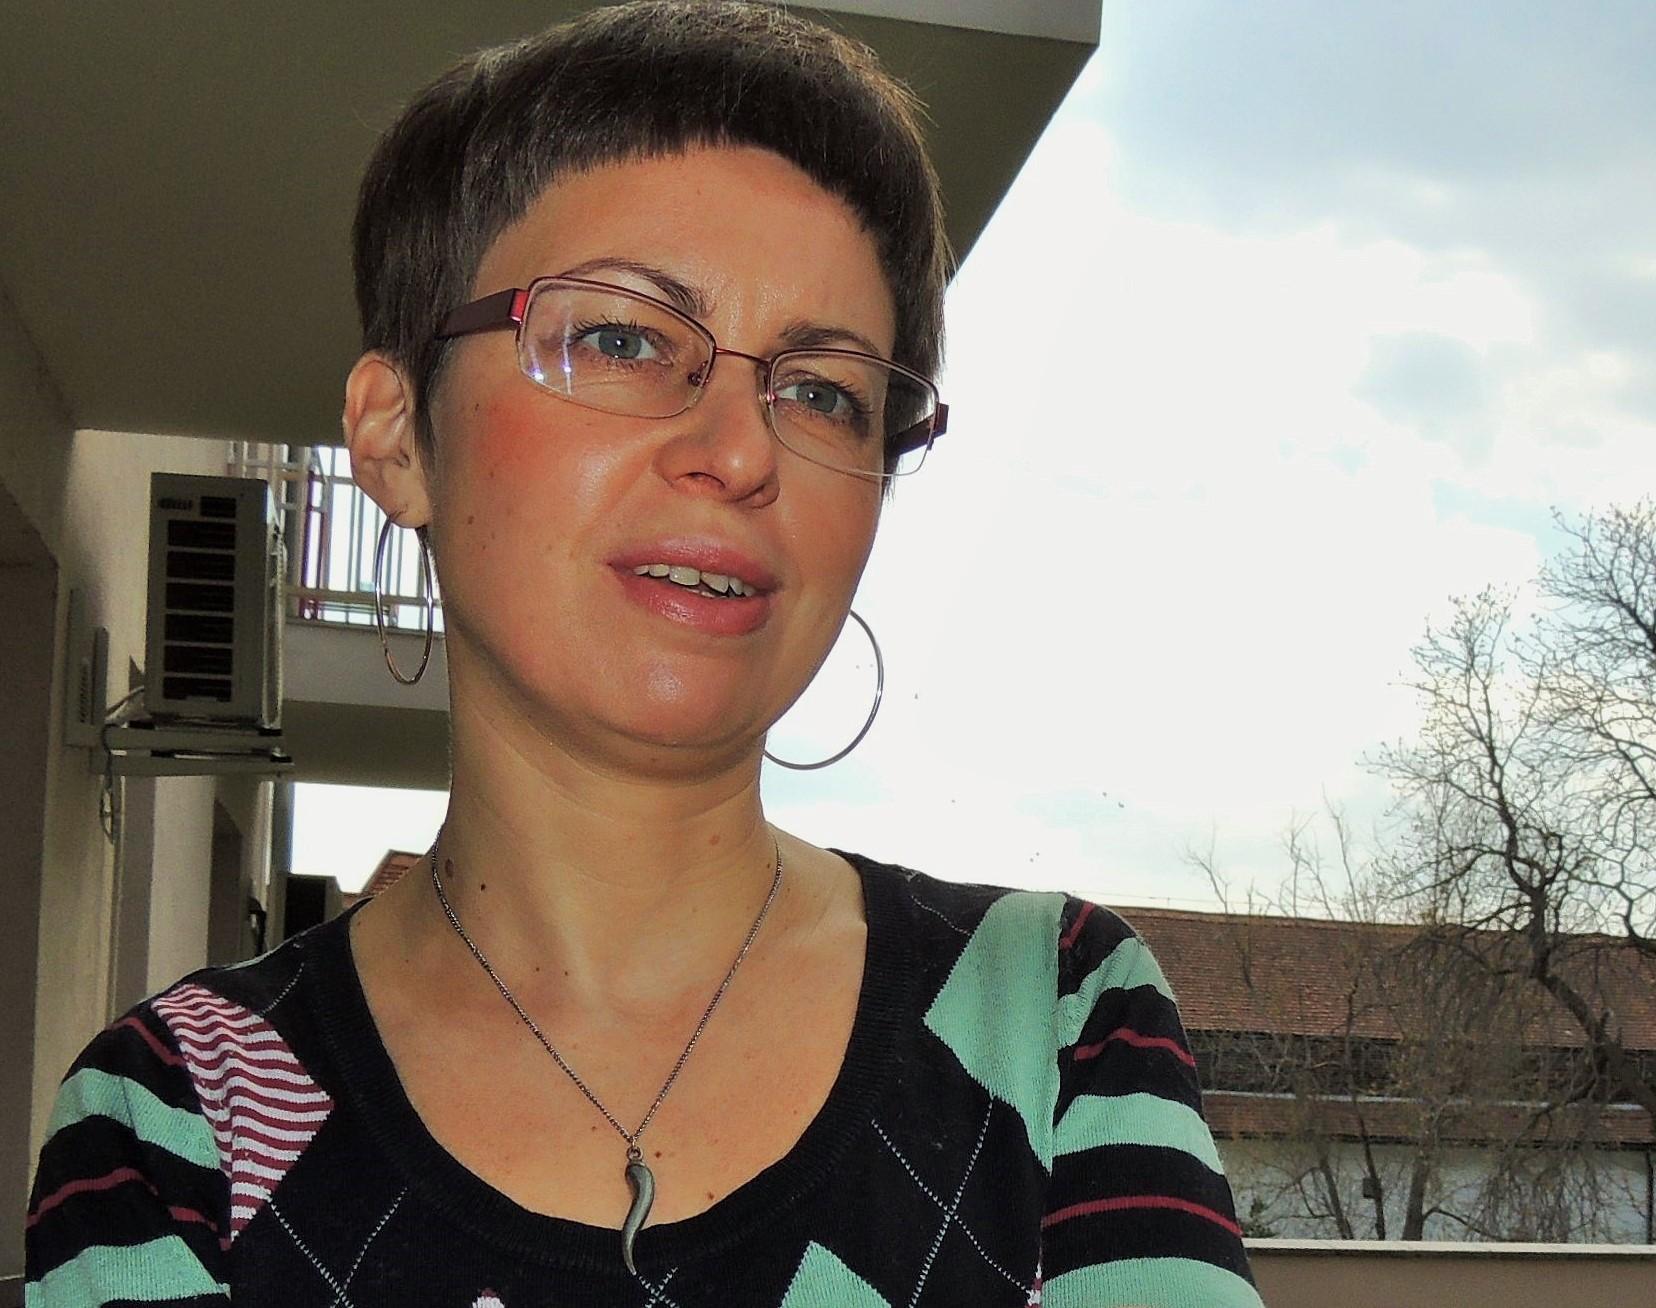 2015 április. Natalka Sznyadanko (UKR): KuK-utazás